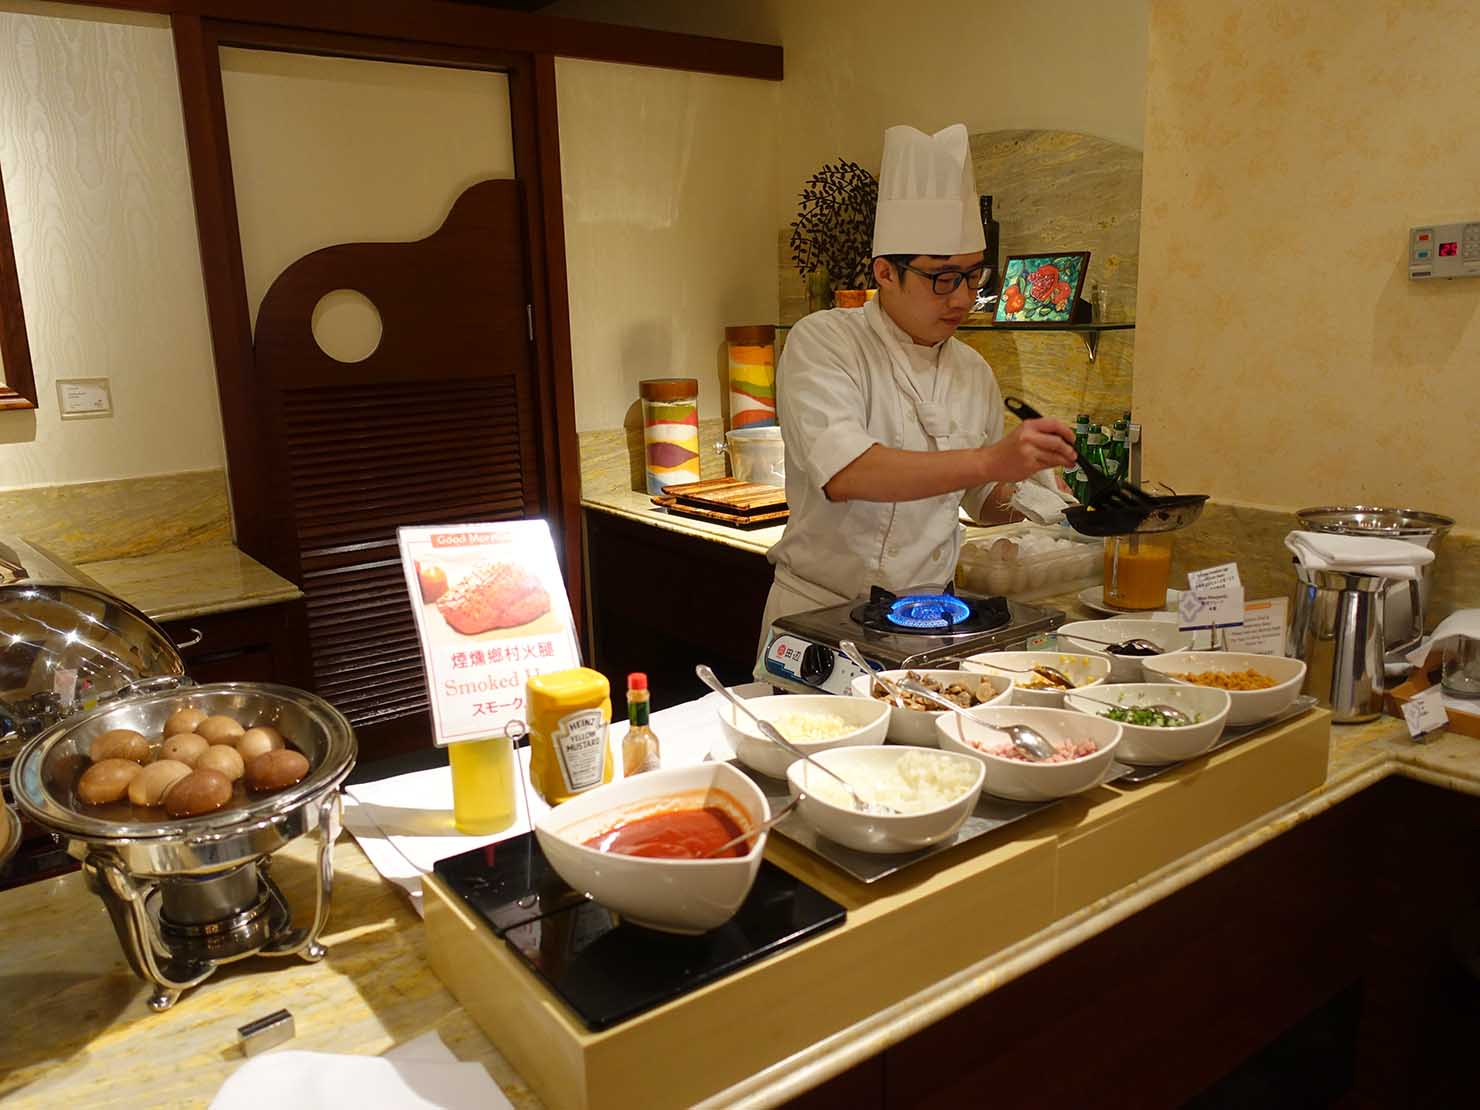 台北のおすすめ4つ星ホテル「歐華酒店(リビエラホテル)」のビュッフェモーニング(オムレツ)